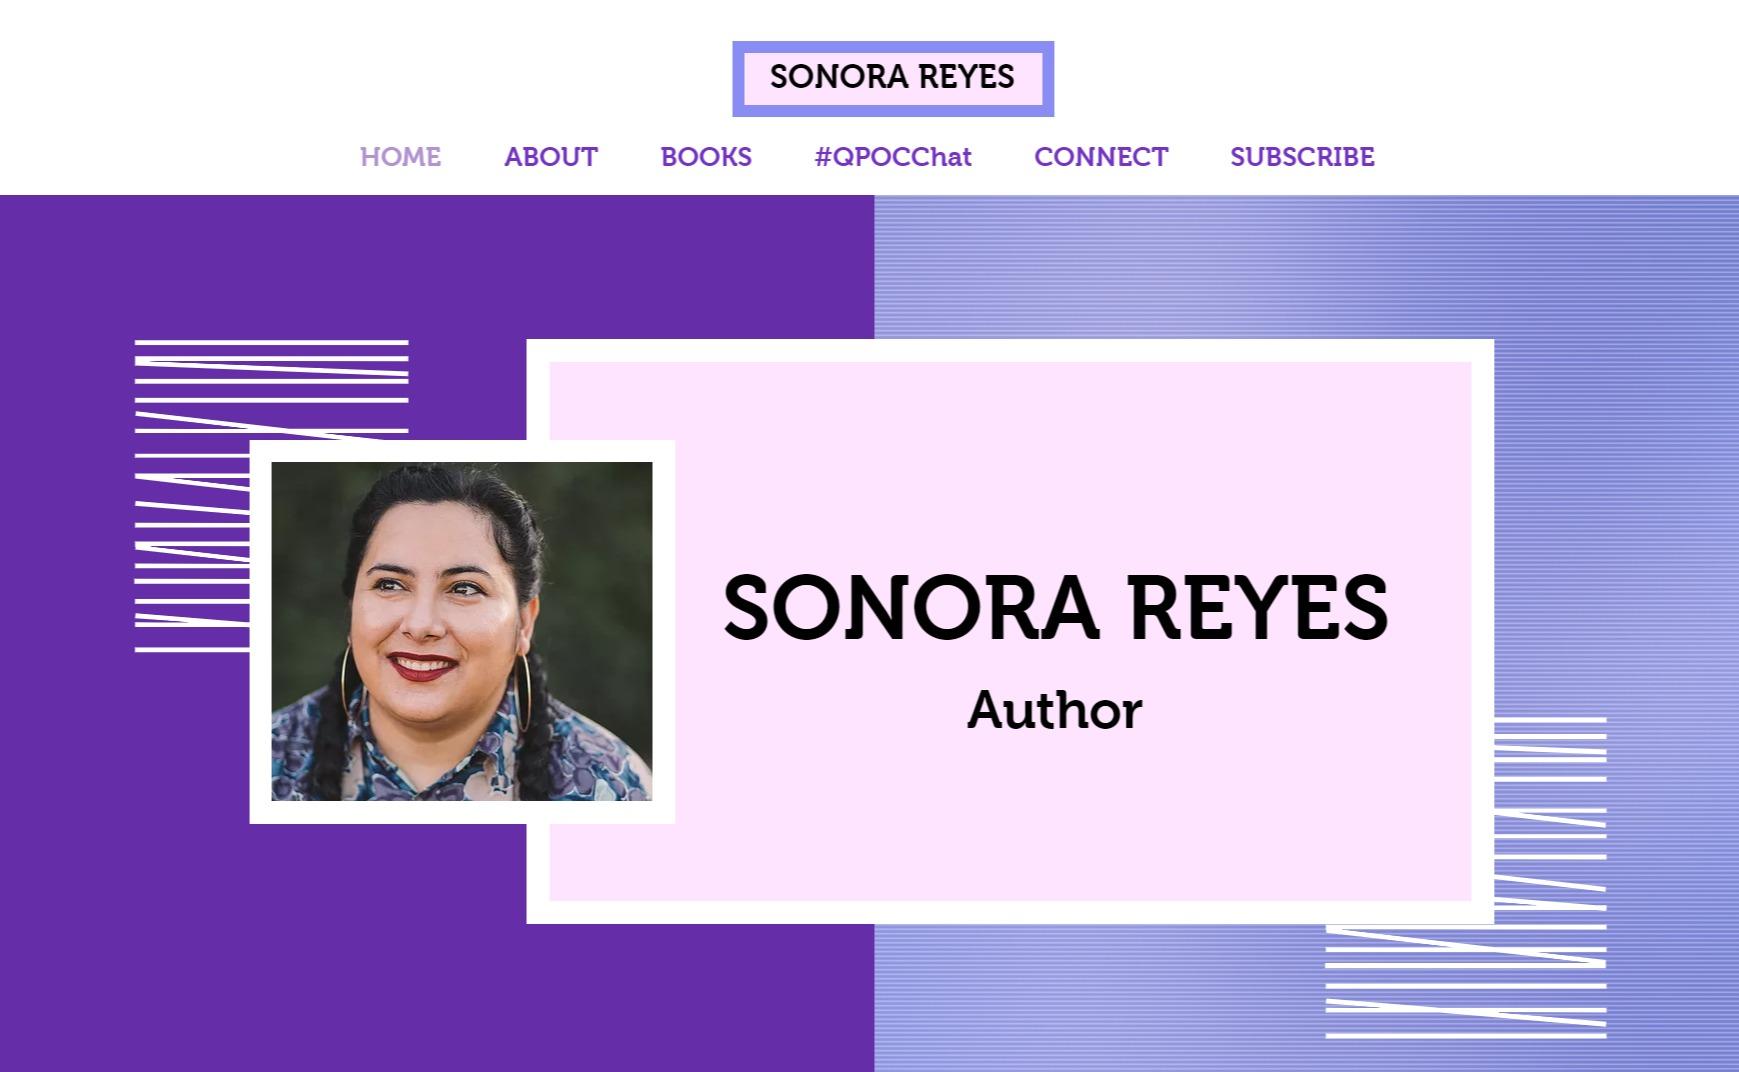 Sonora Reyes Author